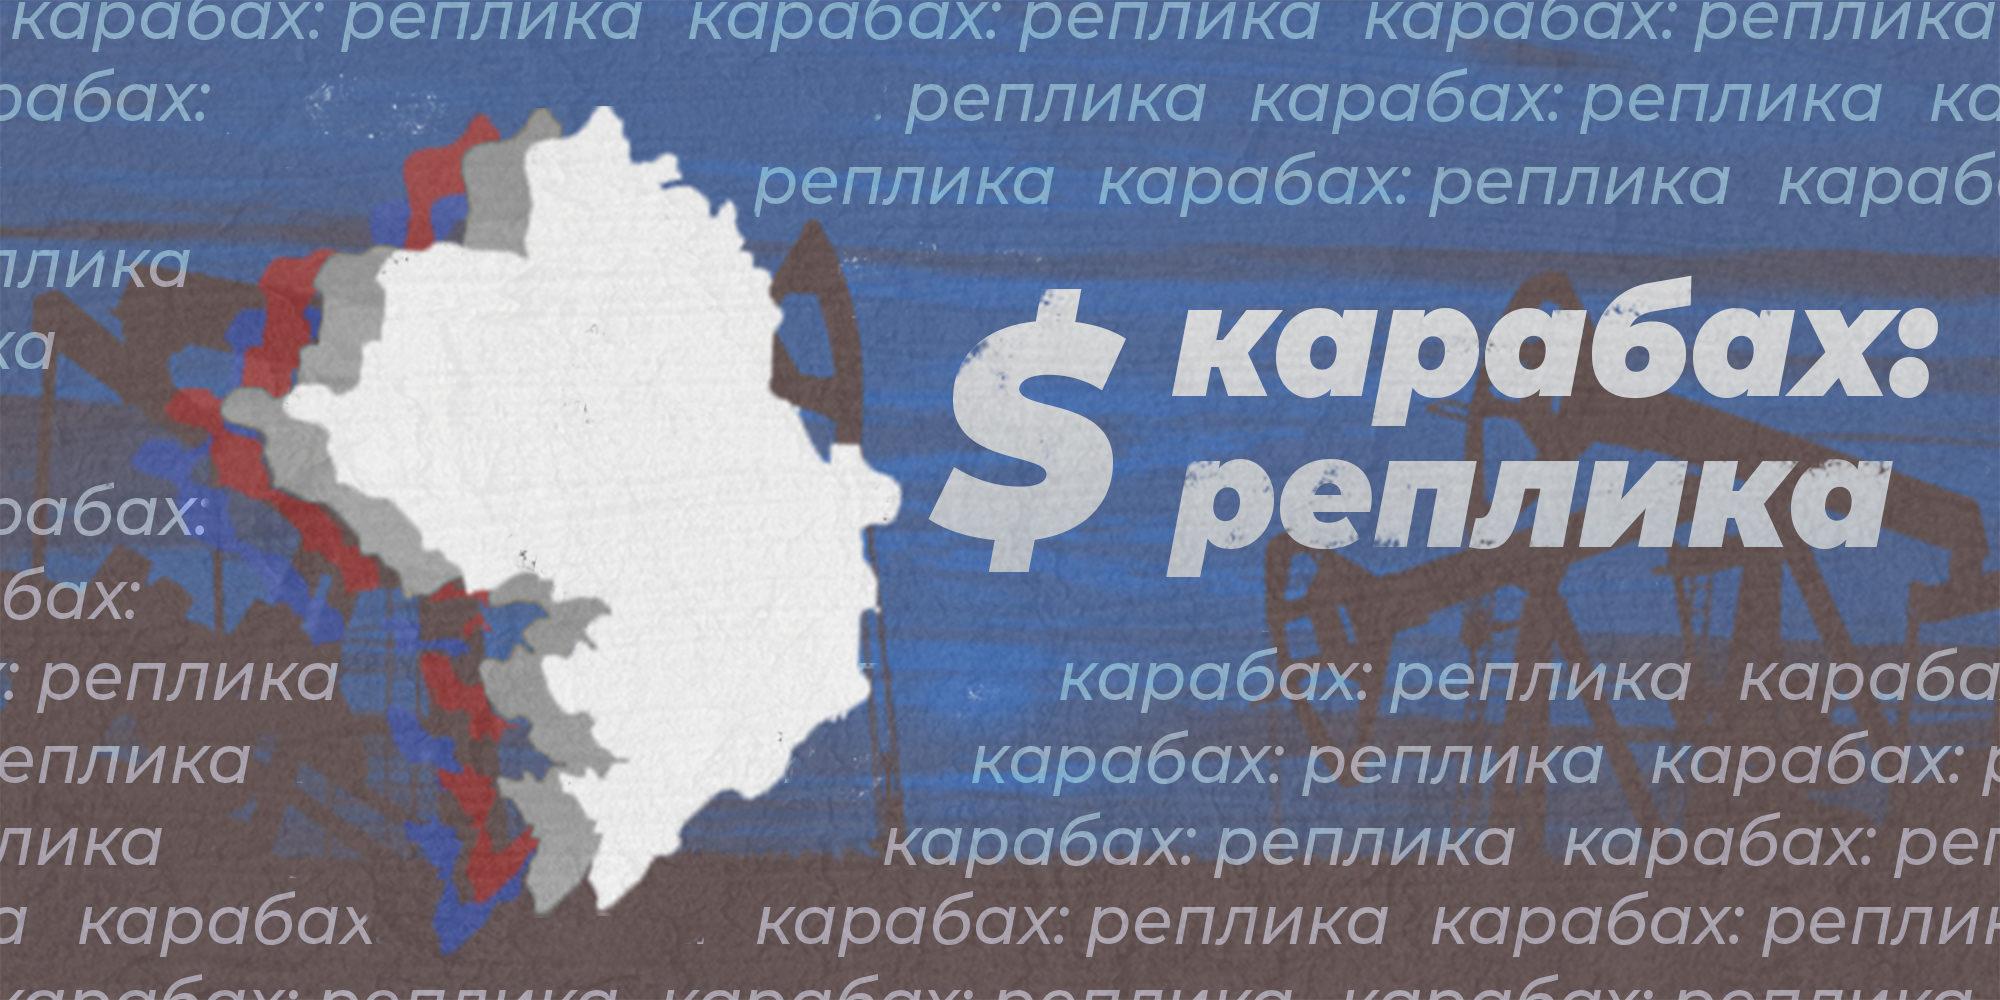 Карабах: реплика